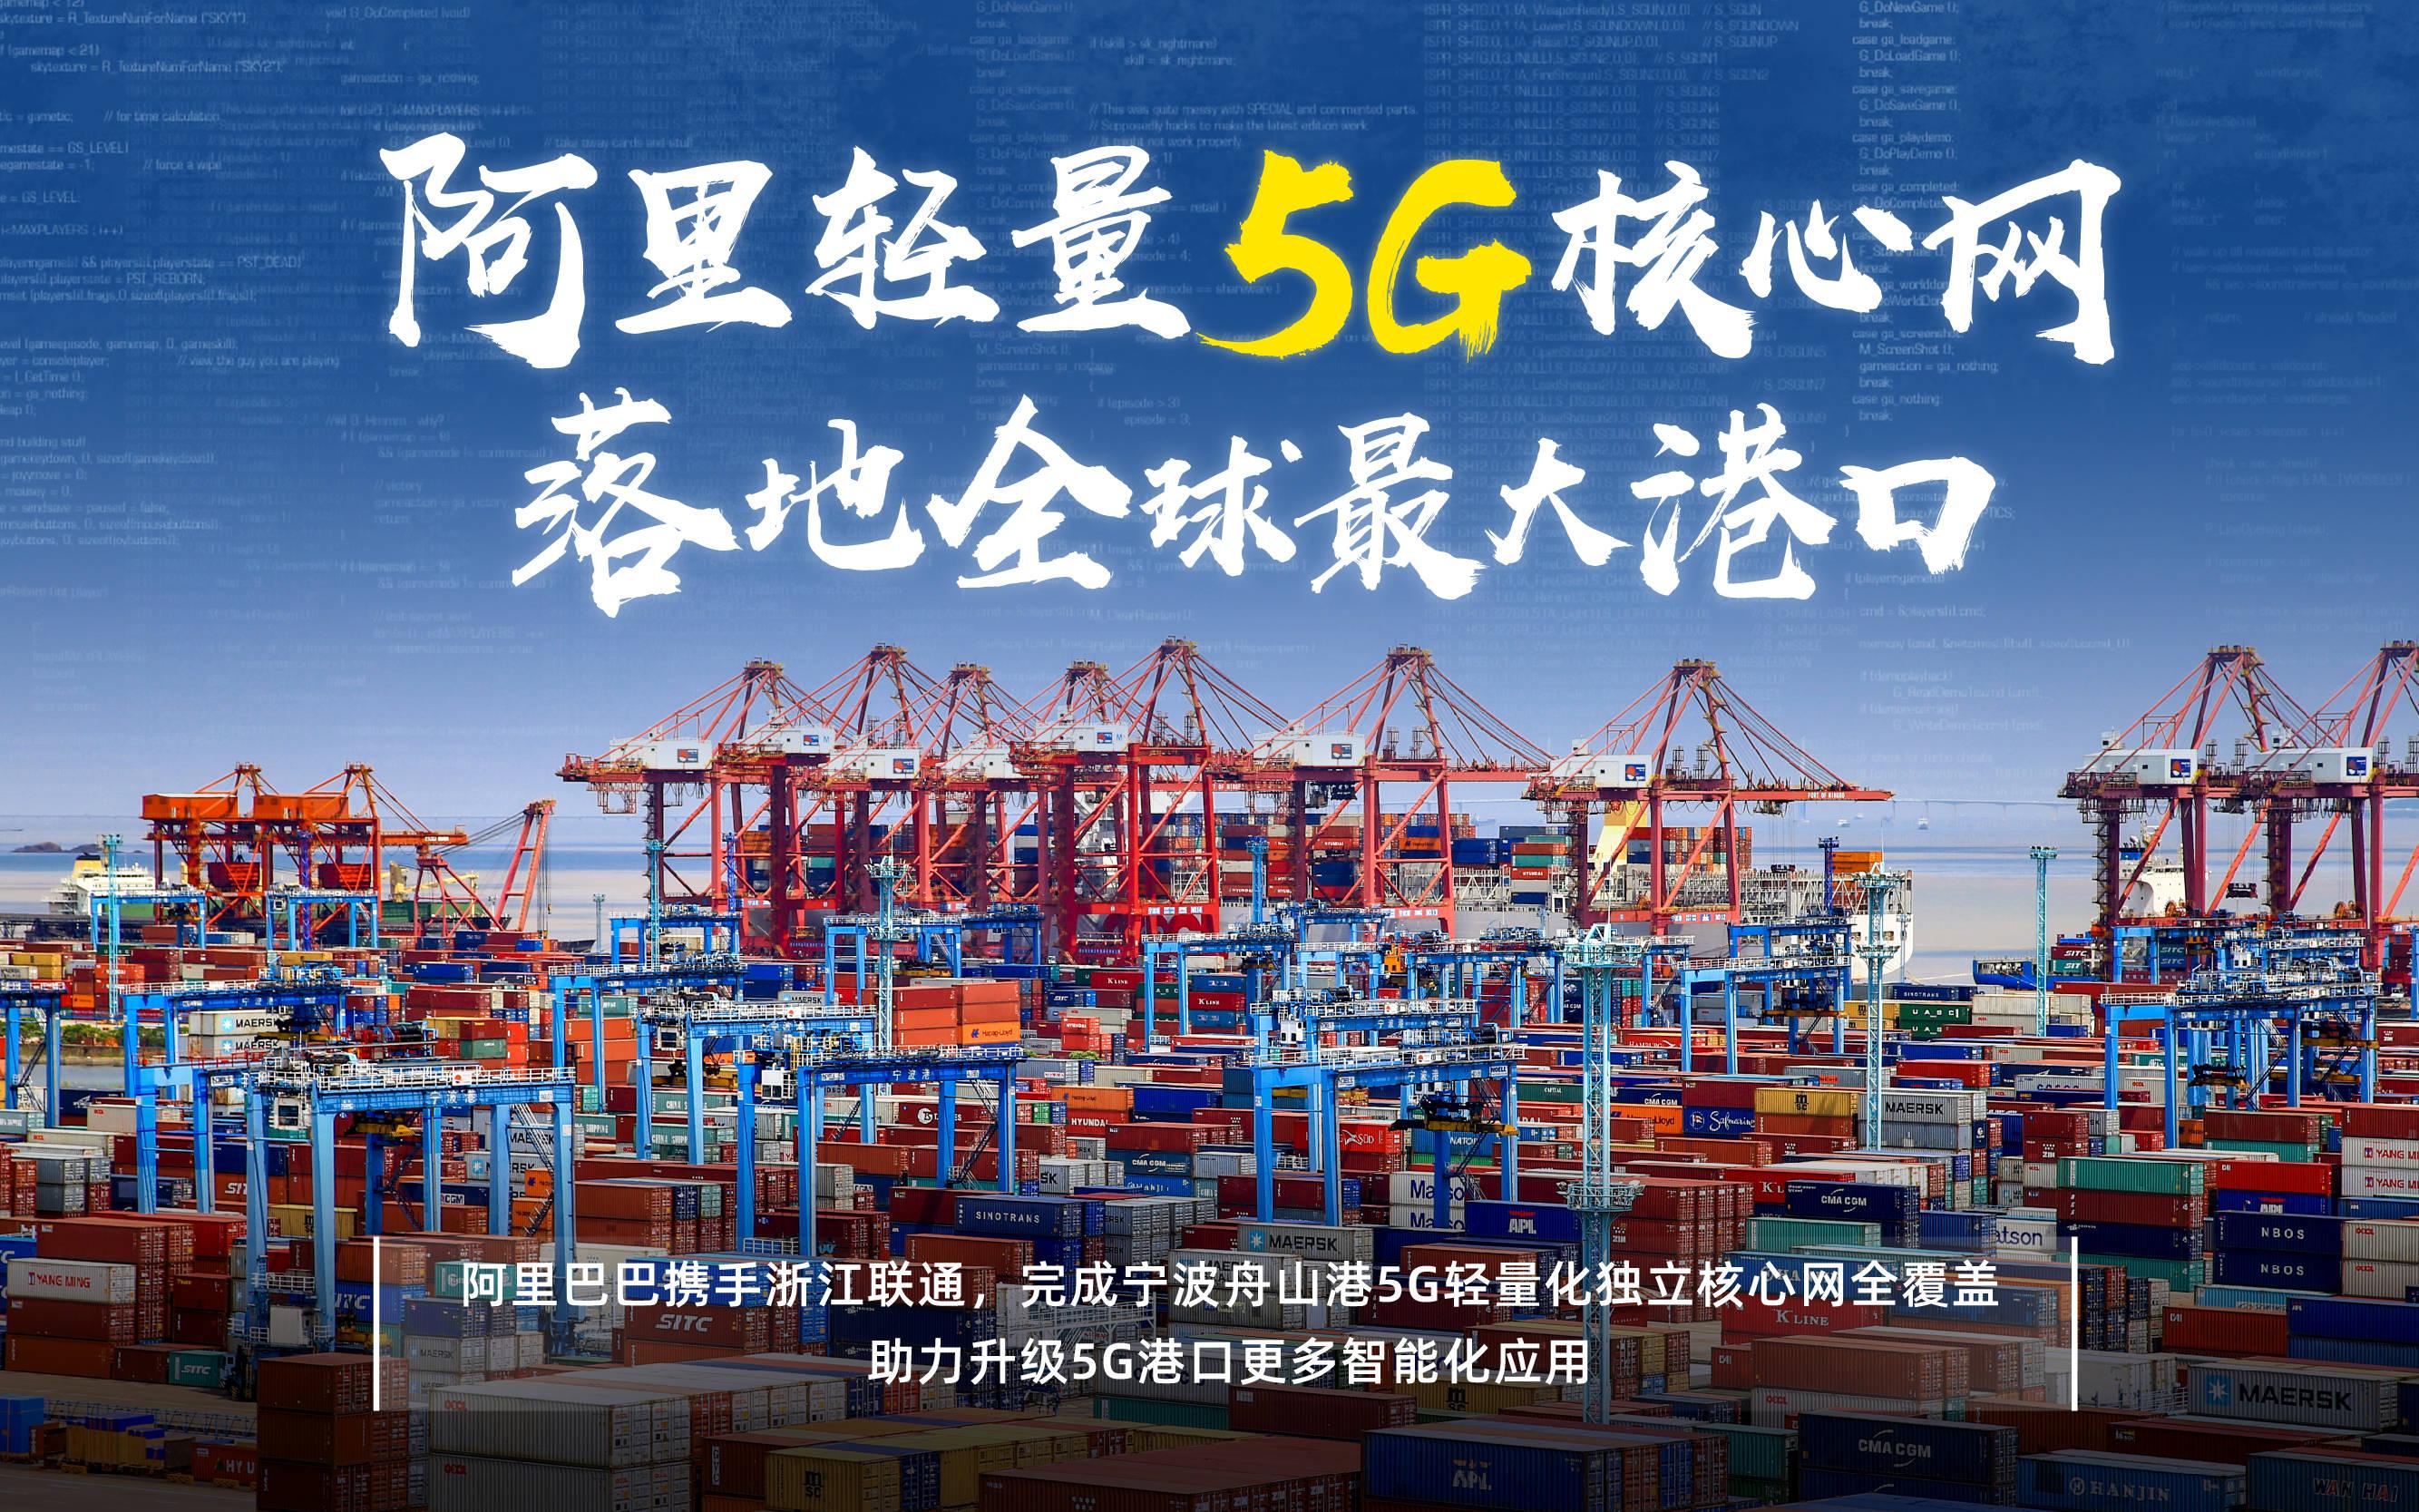 阿里轻量5G核心网落地全球最大港!携手联通打造5G新样板